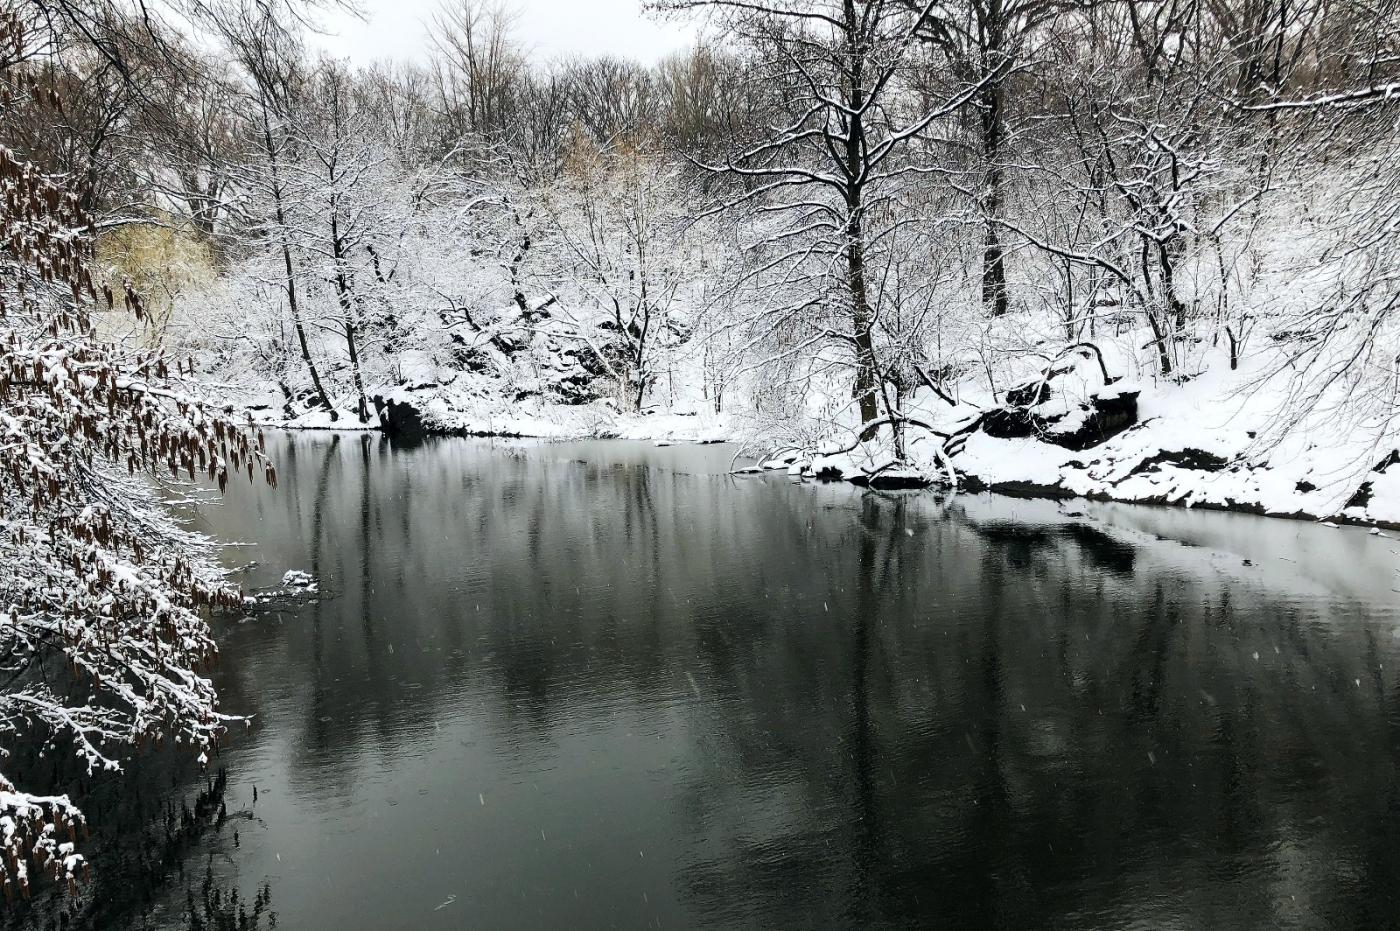 【田螺手机摄影】纽约雪景、还是中央公园最漂亮[二]_图1-6